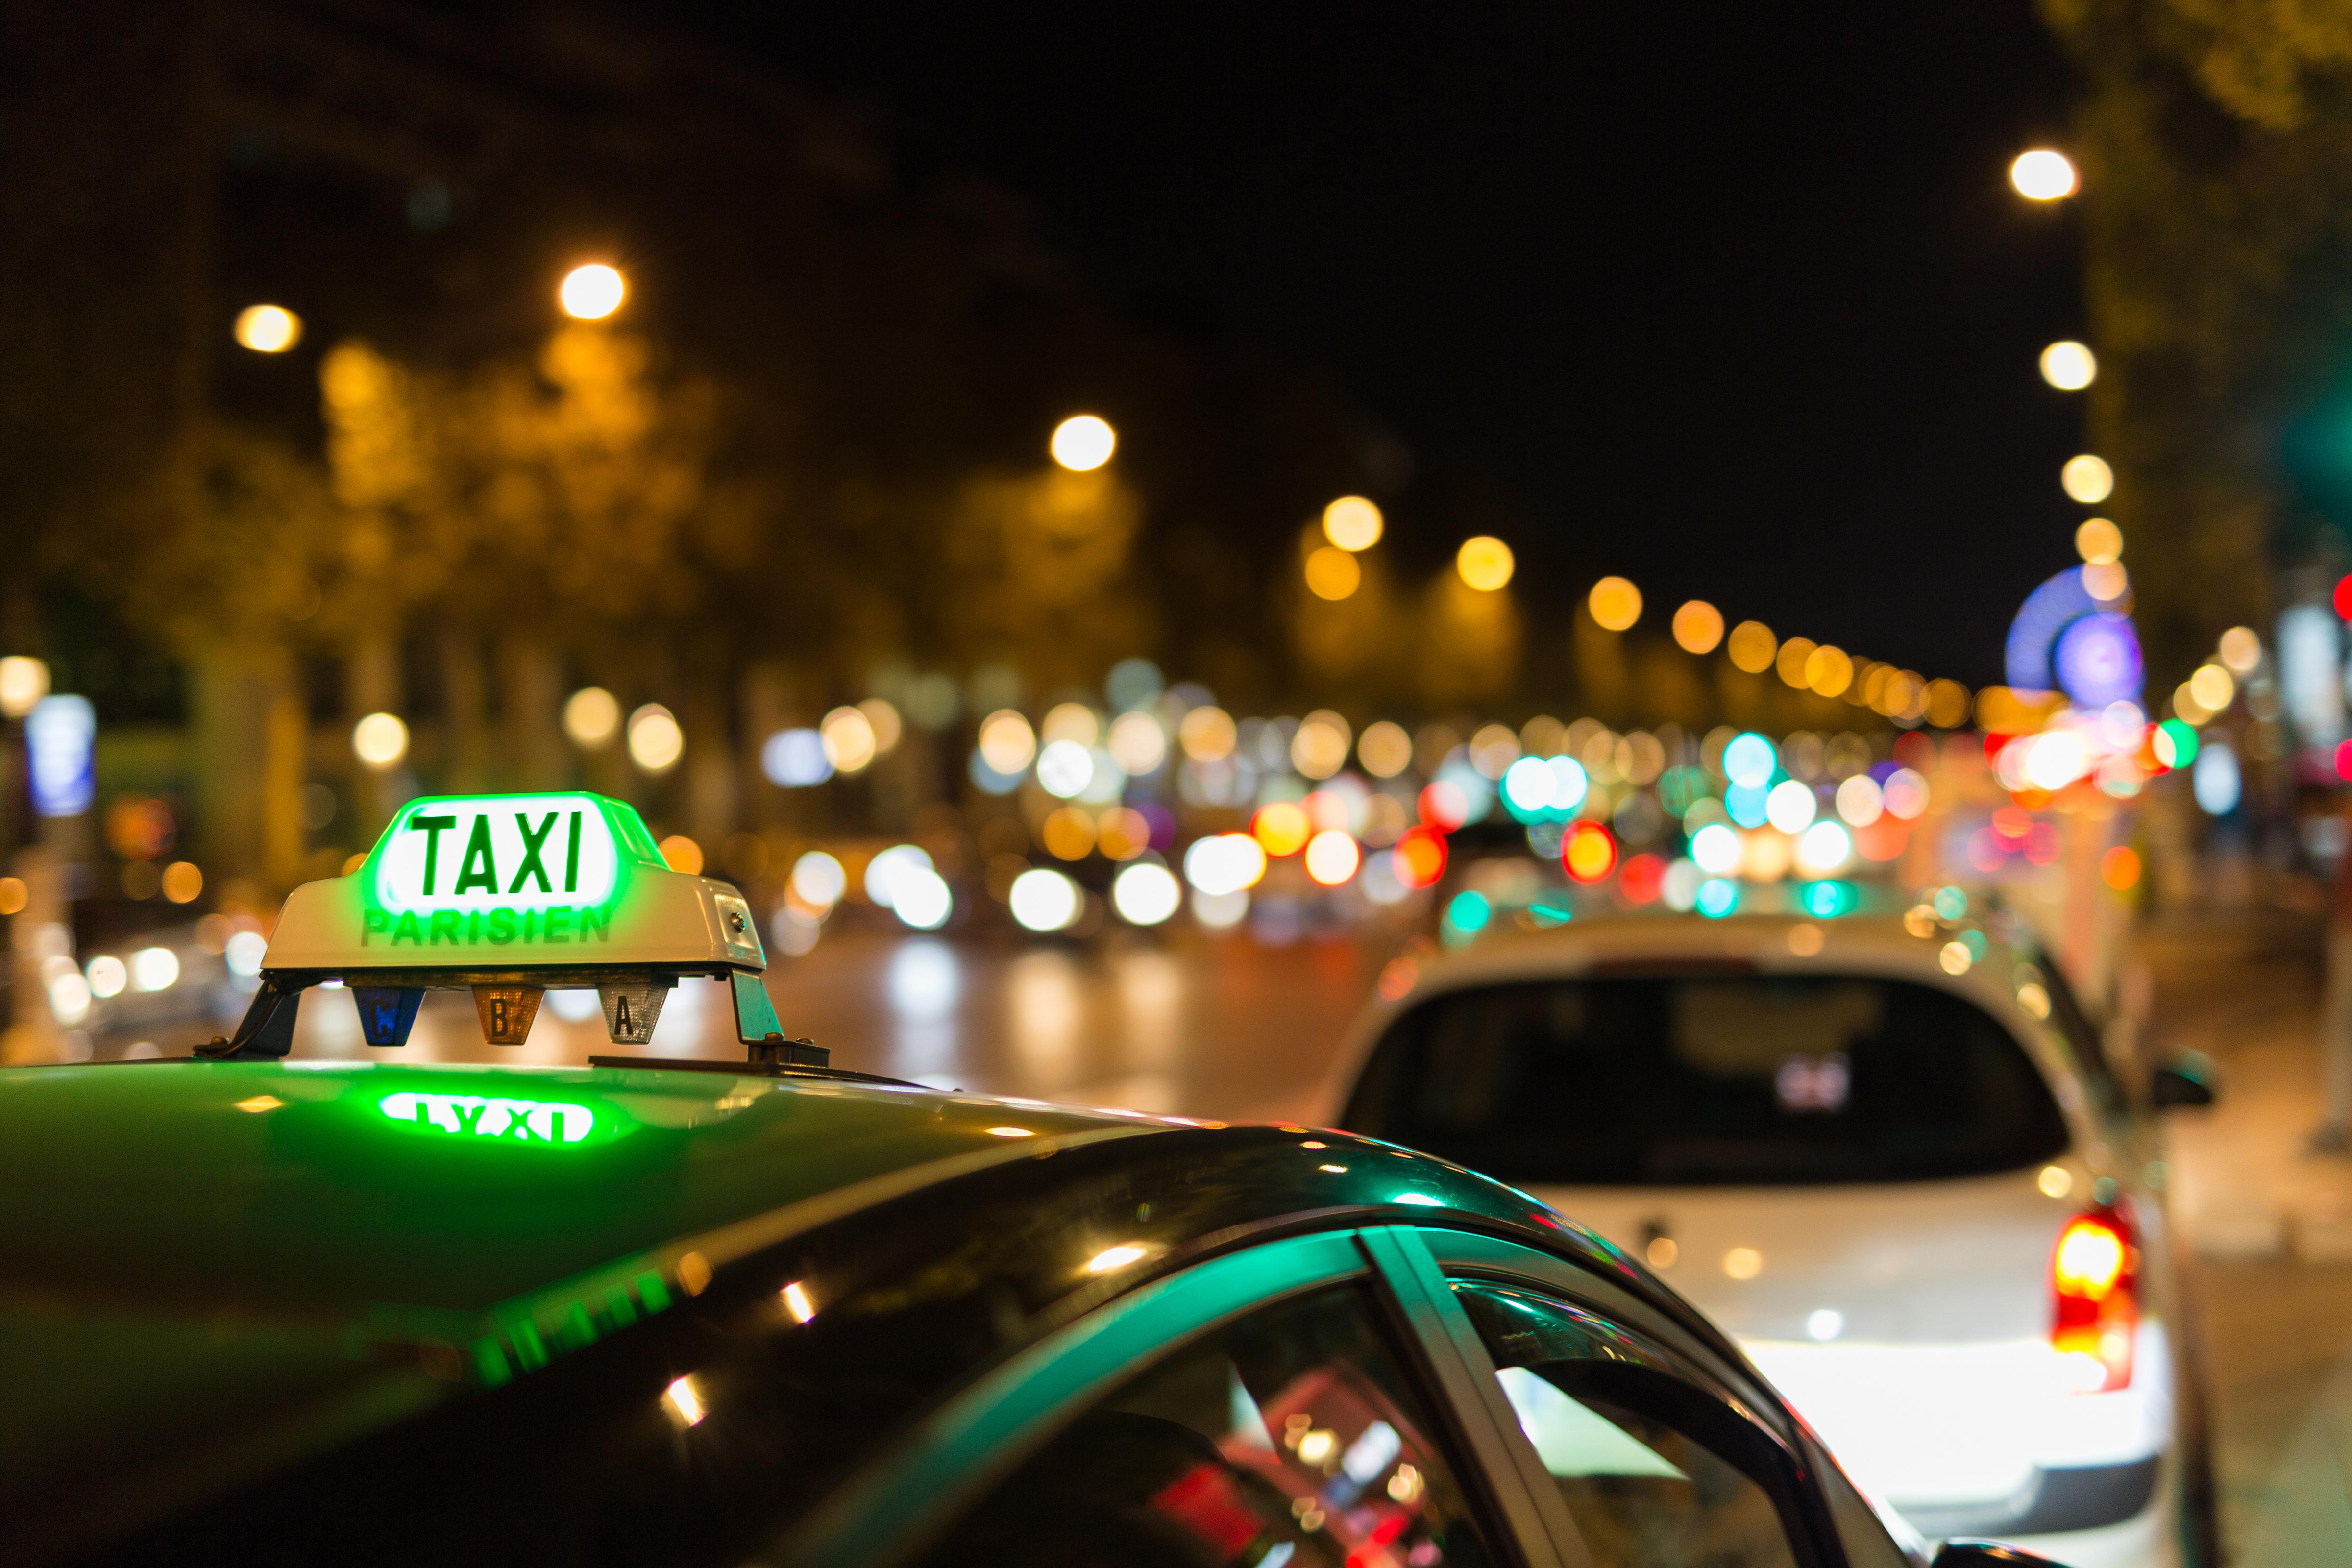 Geceleri taksi